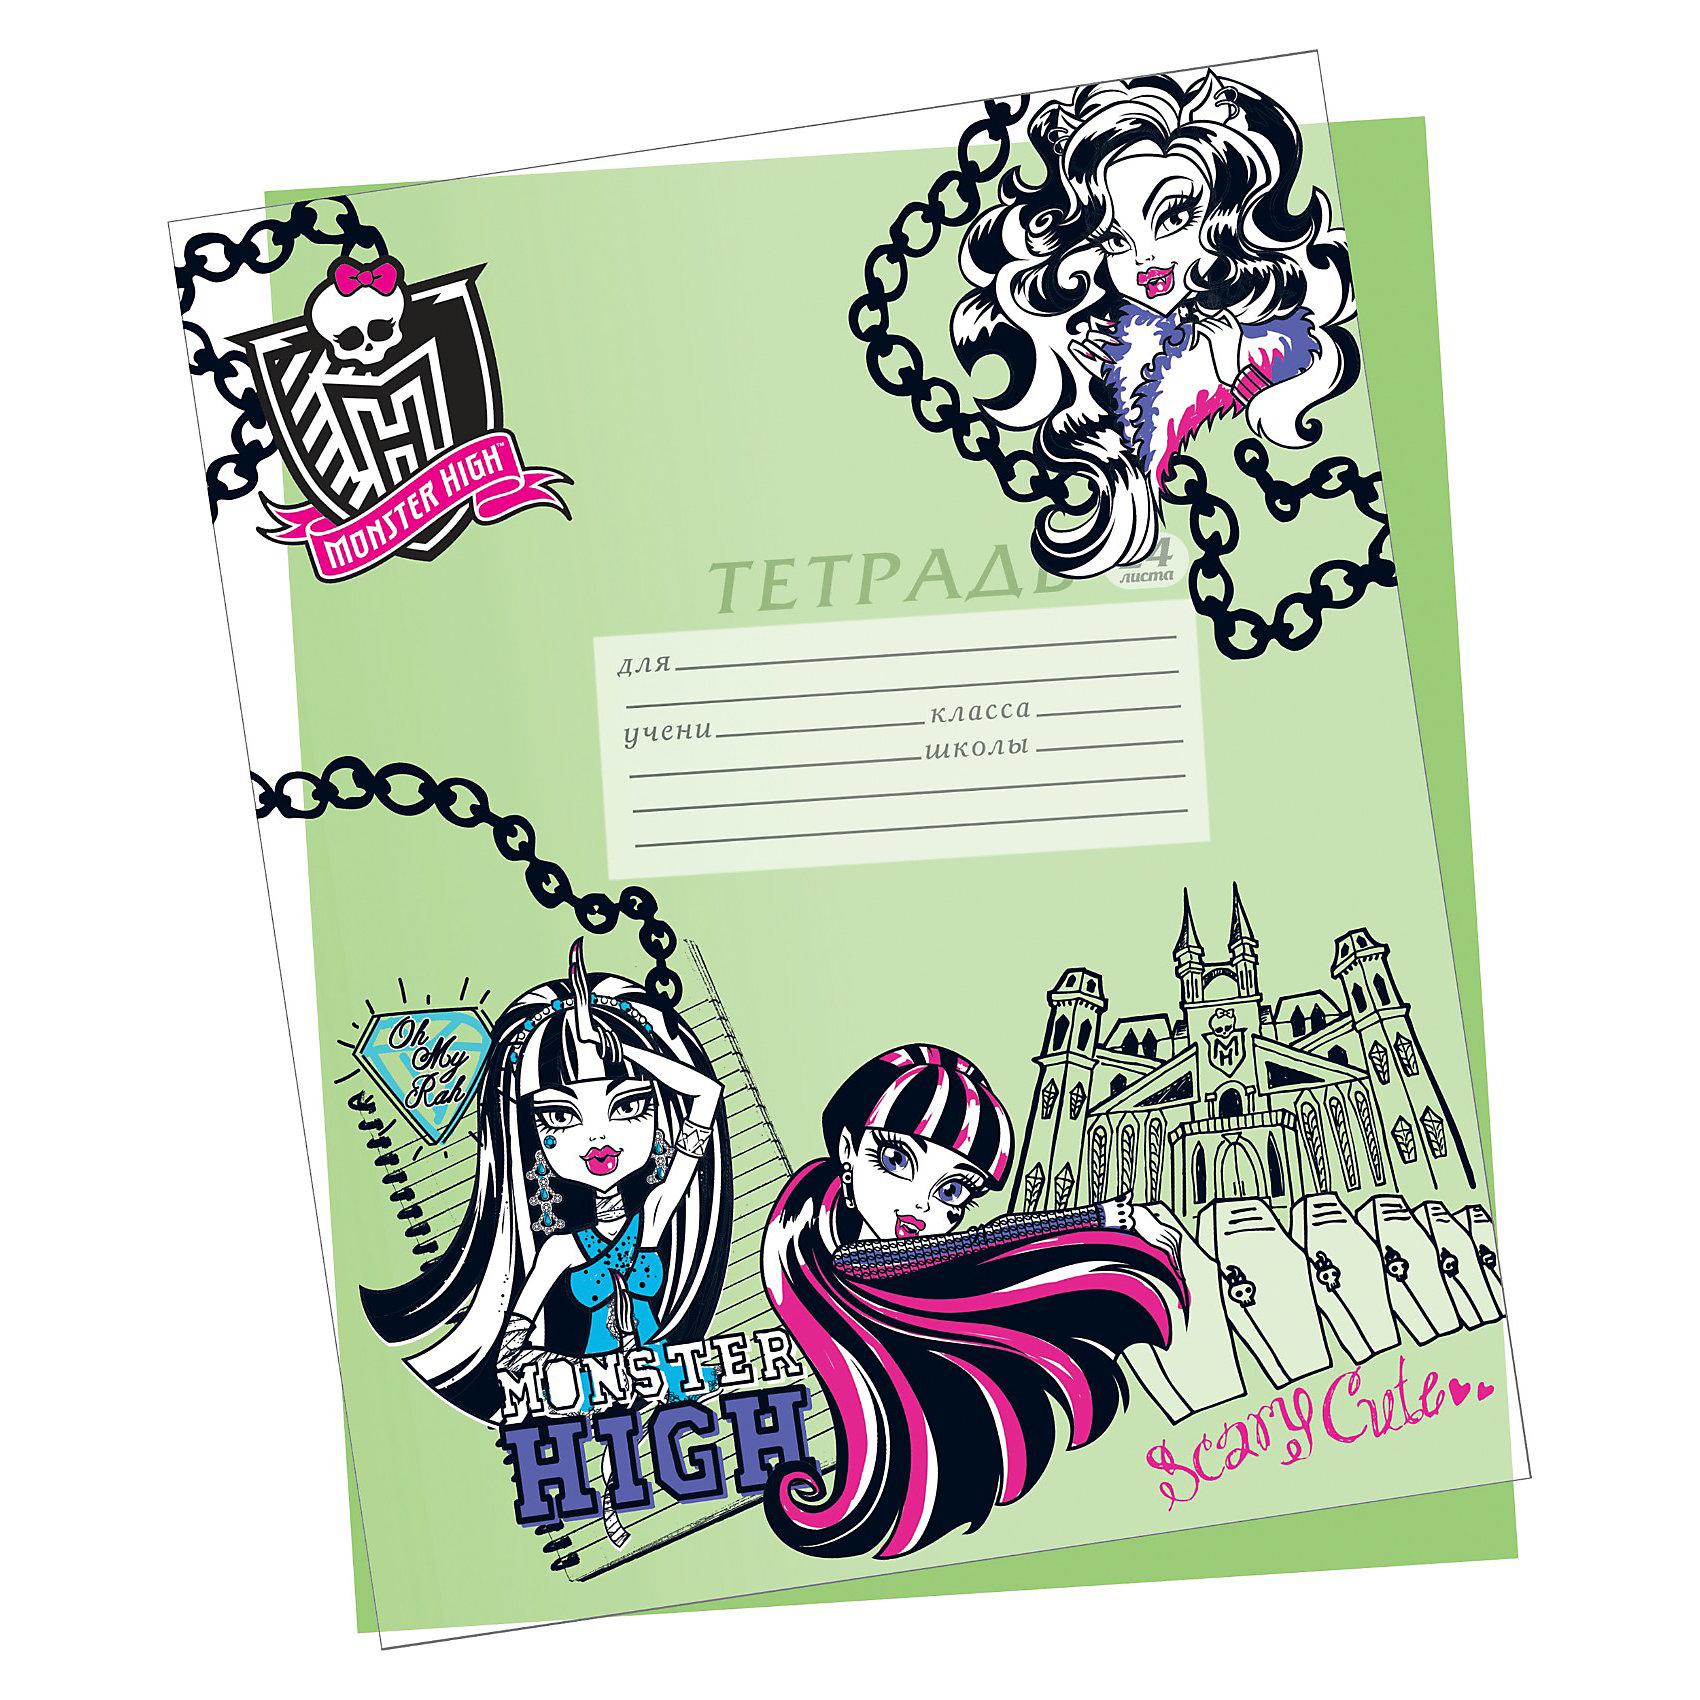 Обложки для тетрадей, 5 шт, Monster HighОбложки для тетрадей, 5 шт, Monster High (Монстр Хай) – несомненно понравятся вашей дочке - любительницы сериала Monster High.<br>Обложки для тетрадей прозрачные с нанесением полноцветного изображения мистических героинь мультсериала Школа Монстров украсят школьные тетрадки вашей юной модницы.<br><br>Дополнительная информация:<br><br>- Количество: 5 шт в наборе. <br>- Размер: 21,2х35 см.<br><br>Обложки для тетрадей, 5 шт, Monster High (Монстр Хай) можно купить в нашем интернет-магазине.<br><br>Ширина мм: 200<br>Глубина мм: 160<br>Высота мм: 10<br>Вес г: 100<br>Возраст от месяцев: 120<br>Возраст до месяцев: 144<br>Пол: Женский<br>Возраст: Детский<br>SKU: 3563231